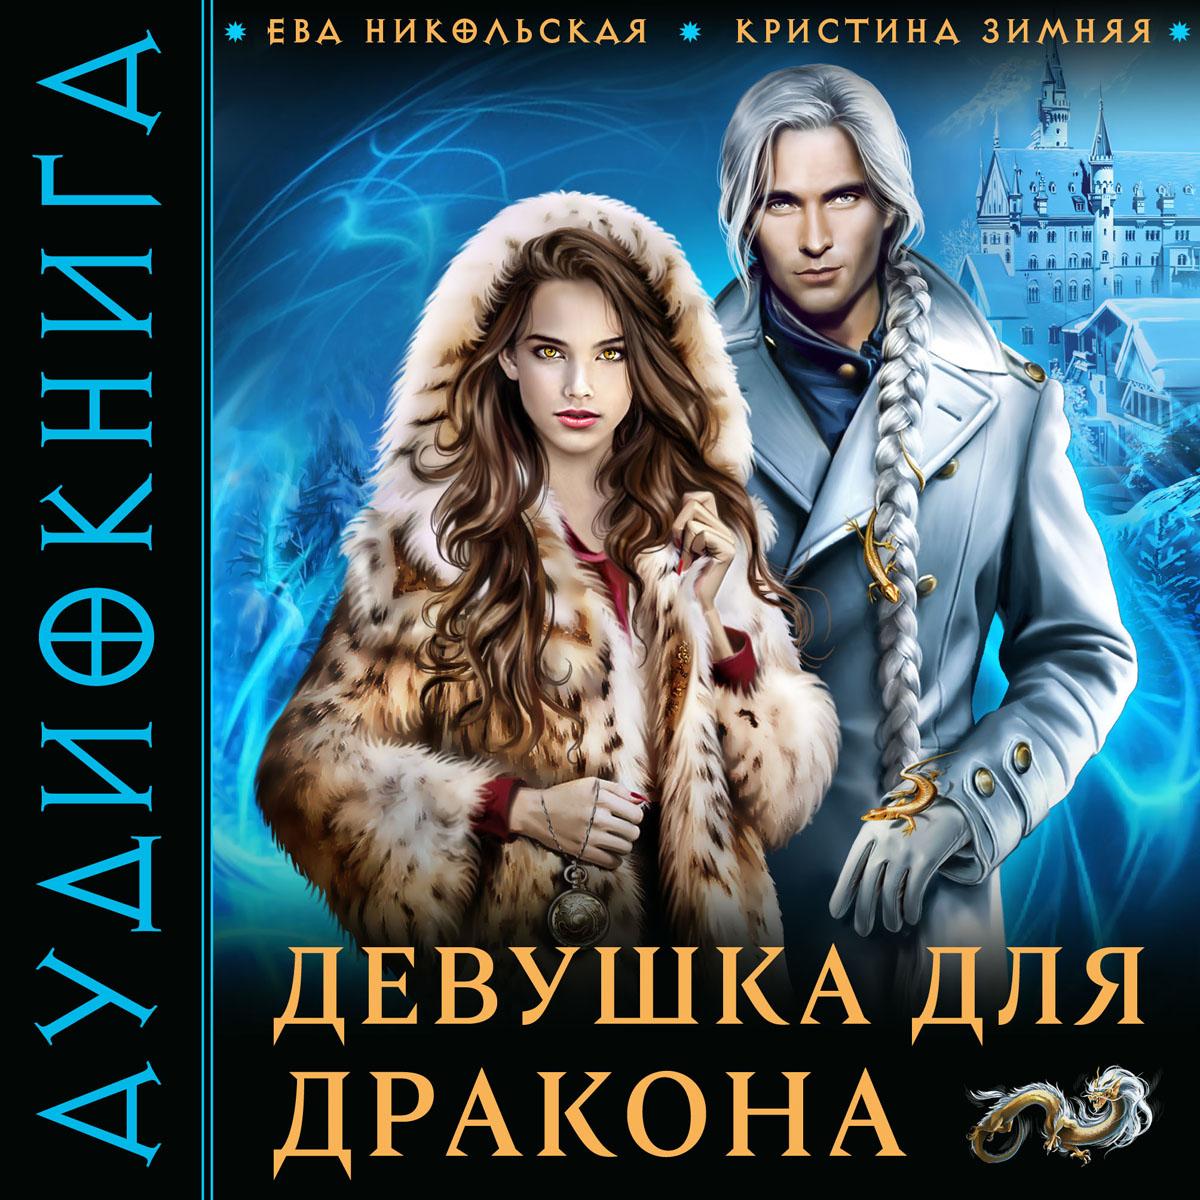 Купить книгу Девушка для дракона, автора Евы Никольской